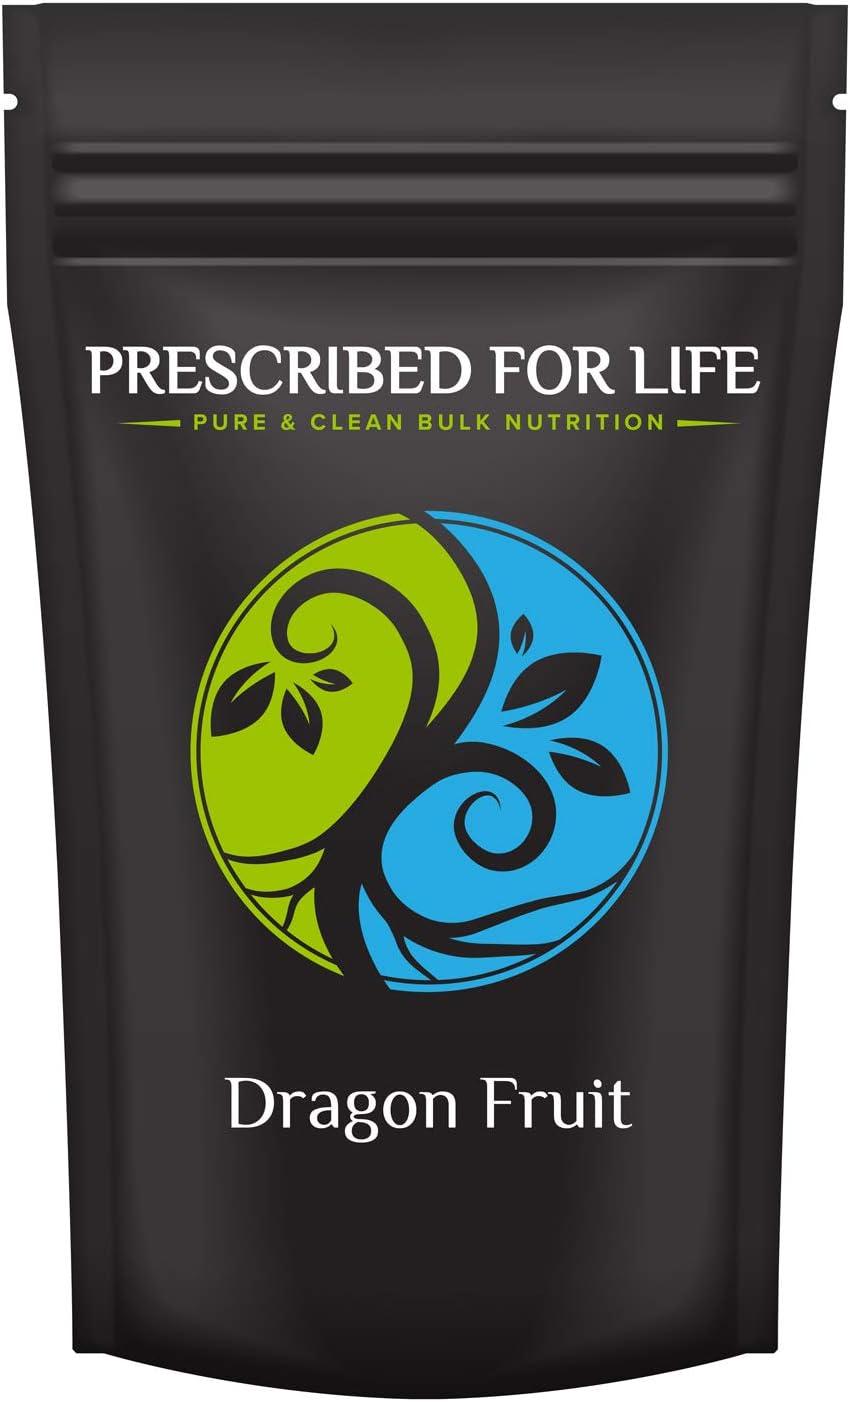 Prescribed for Life Dragon Fruit Powder, 1 kg